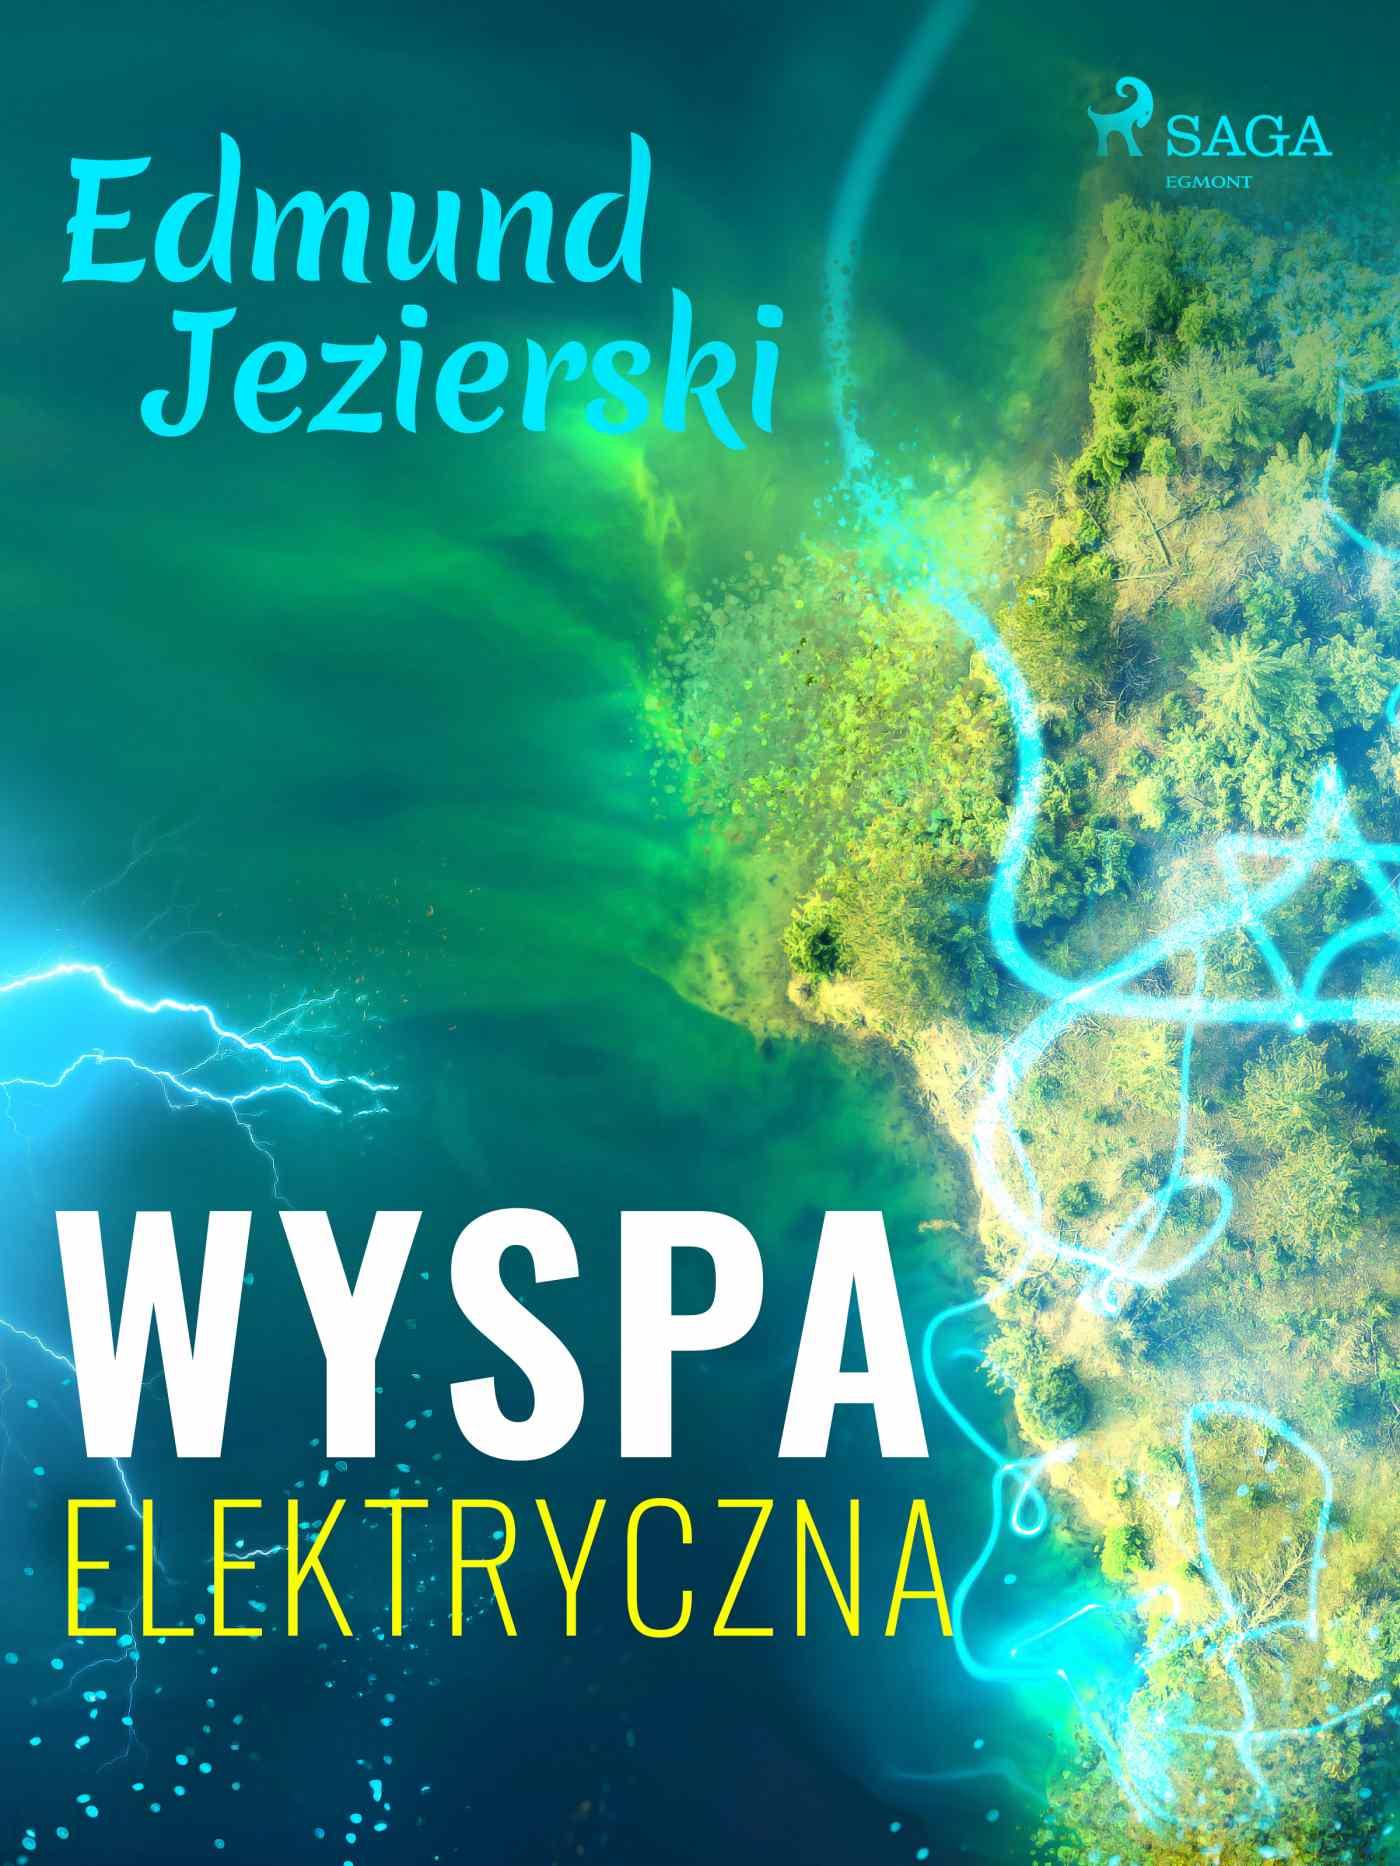 Wyspa elektryczna - Ebook (Książka EPUB) do pobrania w formacie EPUB